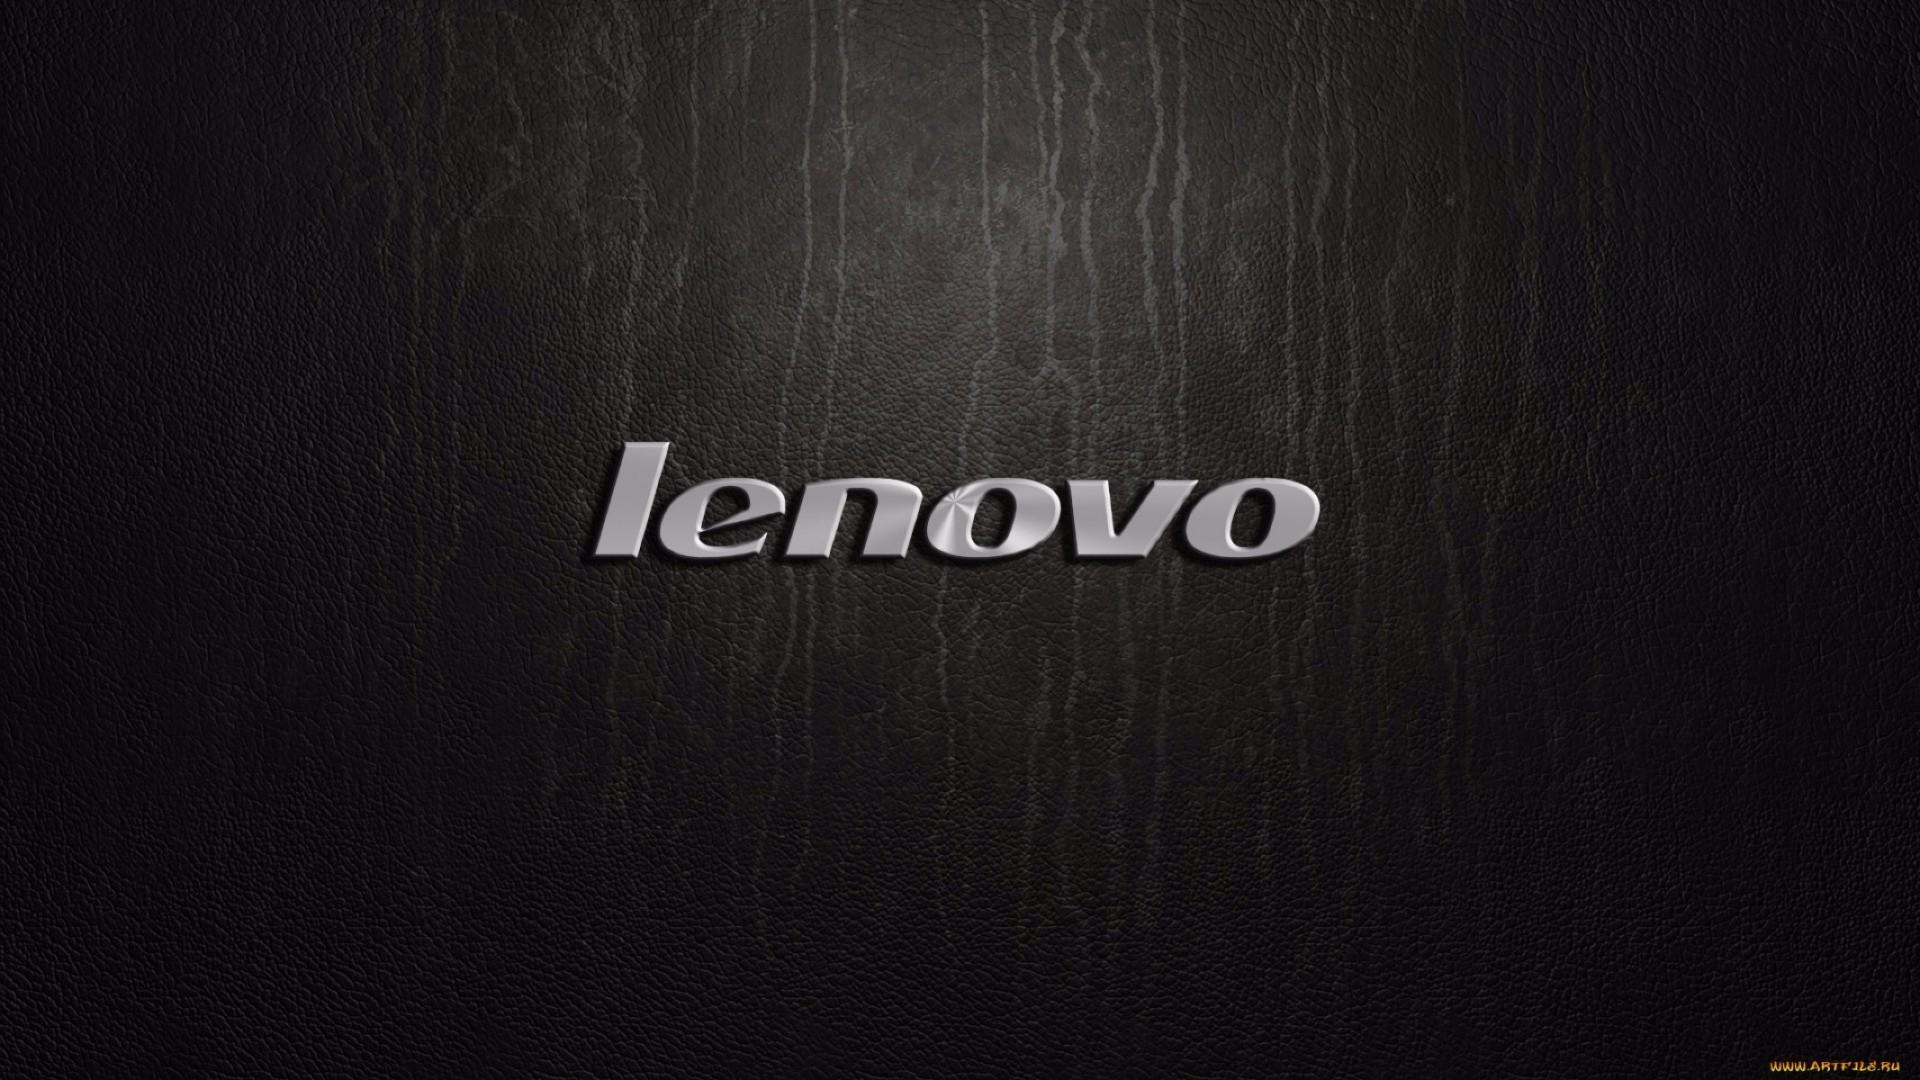 Логотип производителя числовой техники Lenovo